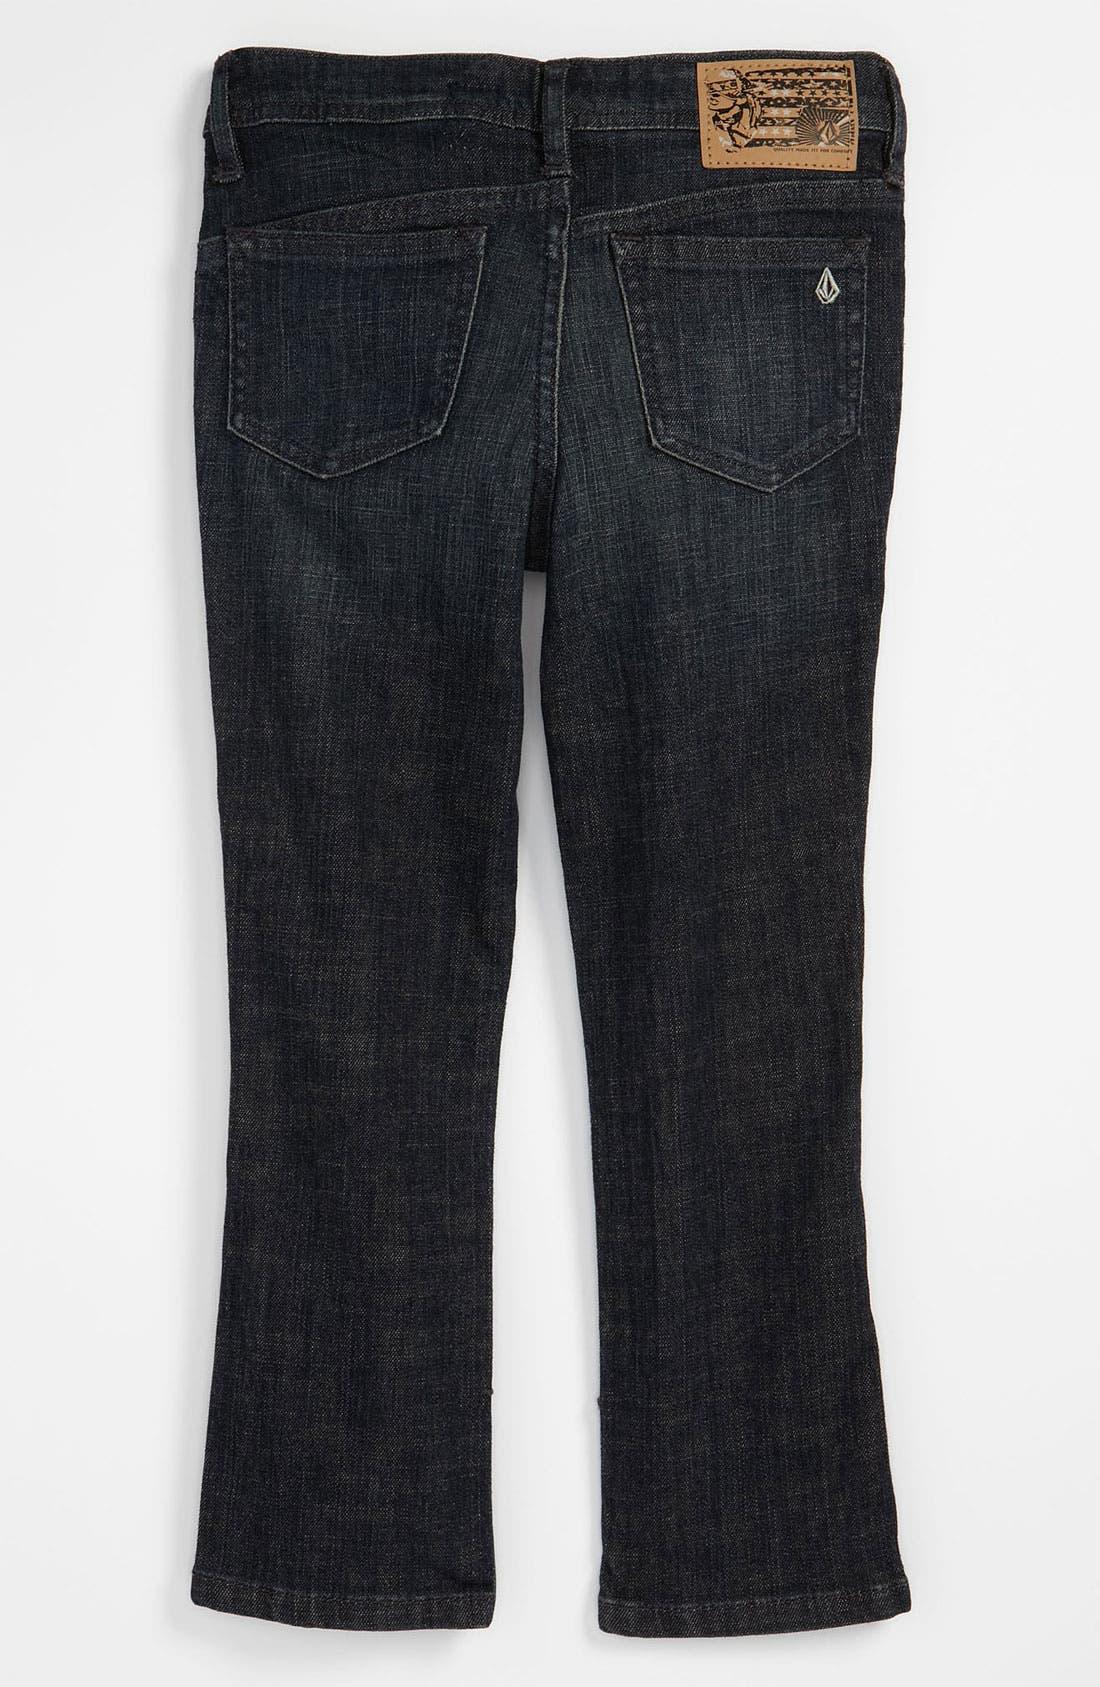 Alternate Image 1 Selected - Volcom '2 x 4' Skinny Jeans (Little Boys)